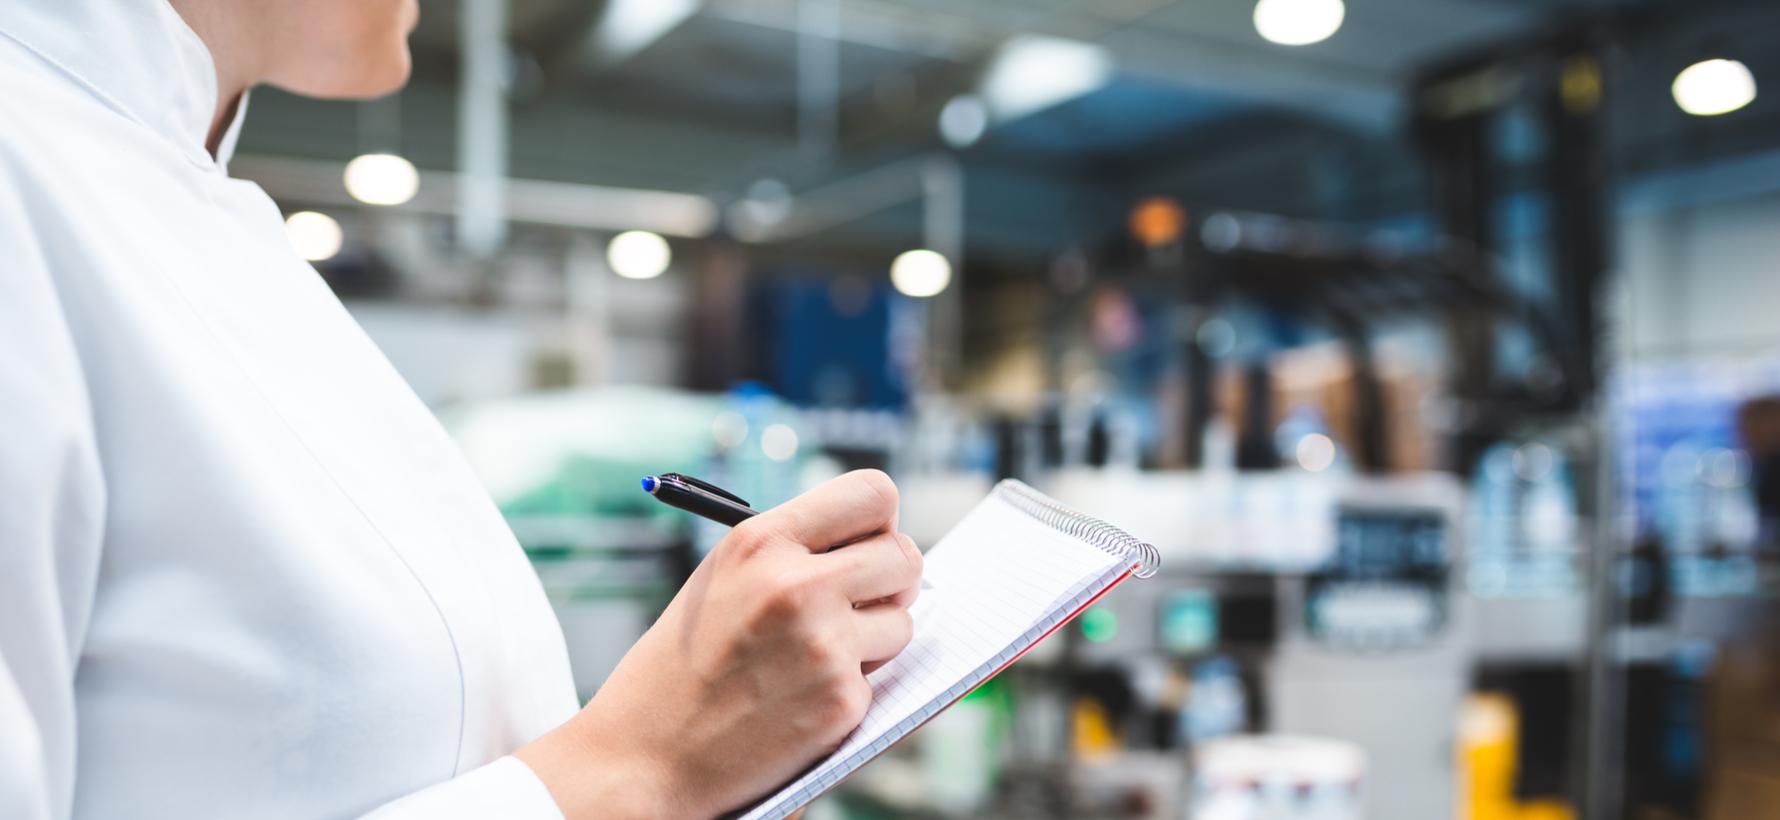 Desafío 2020: ¿Cuánto sabes sobre Sistemas Integrados de Calidad y Seguridad Industrial?